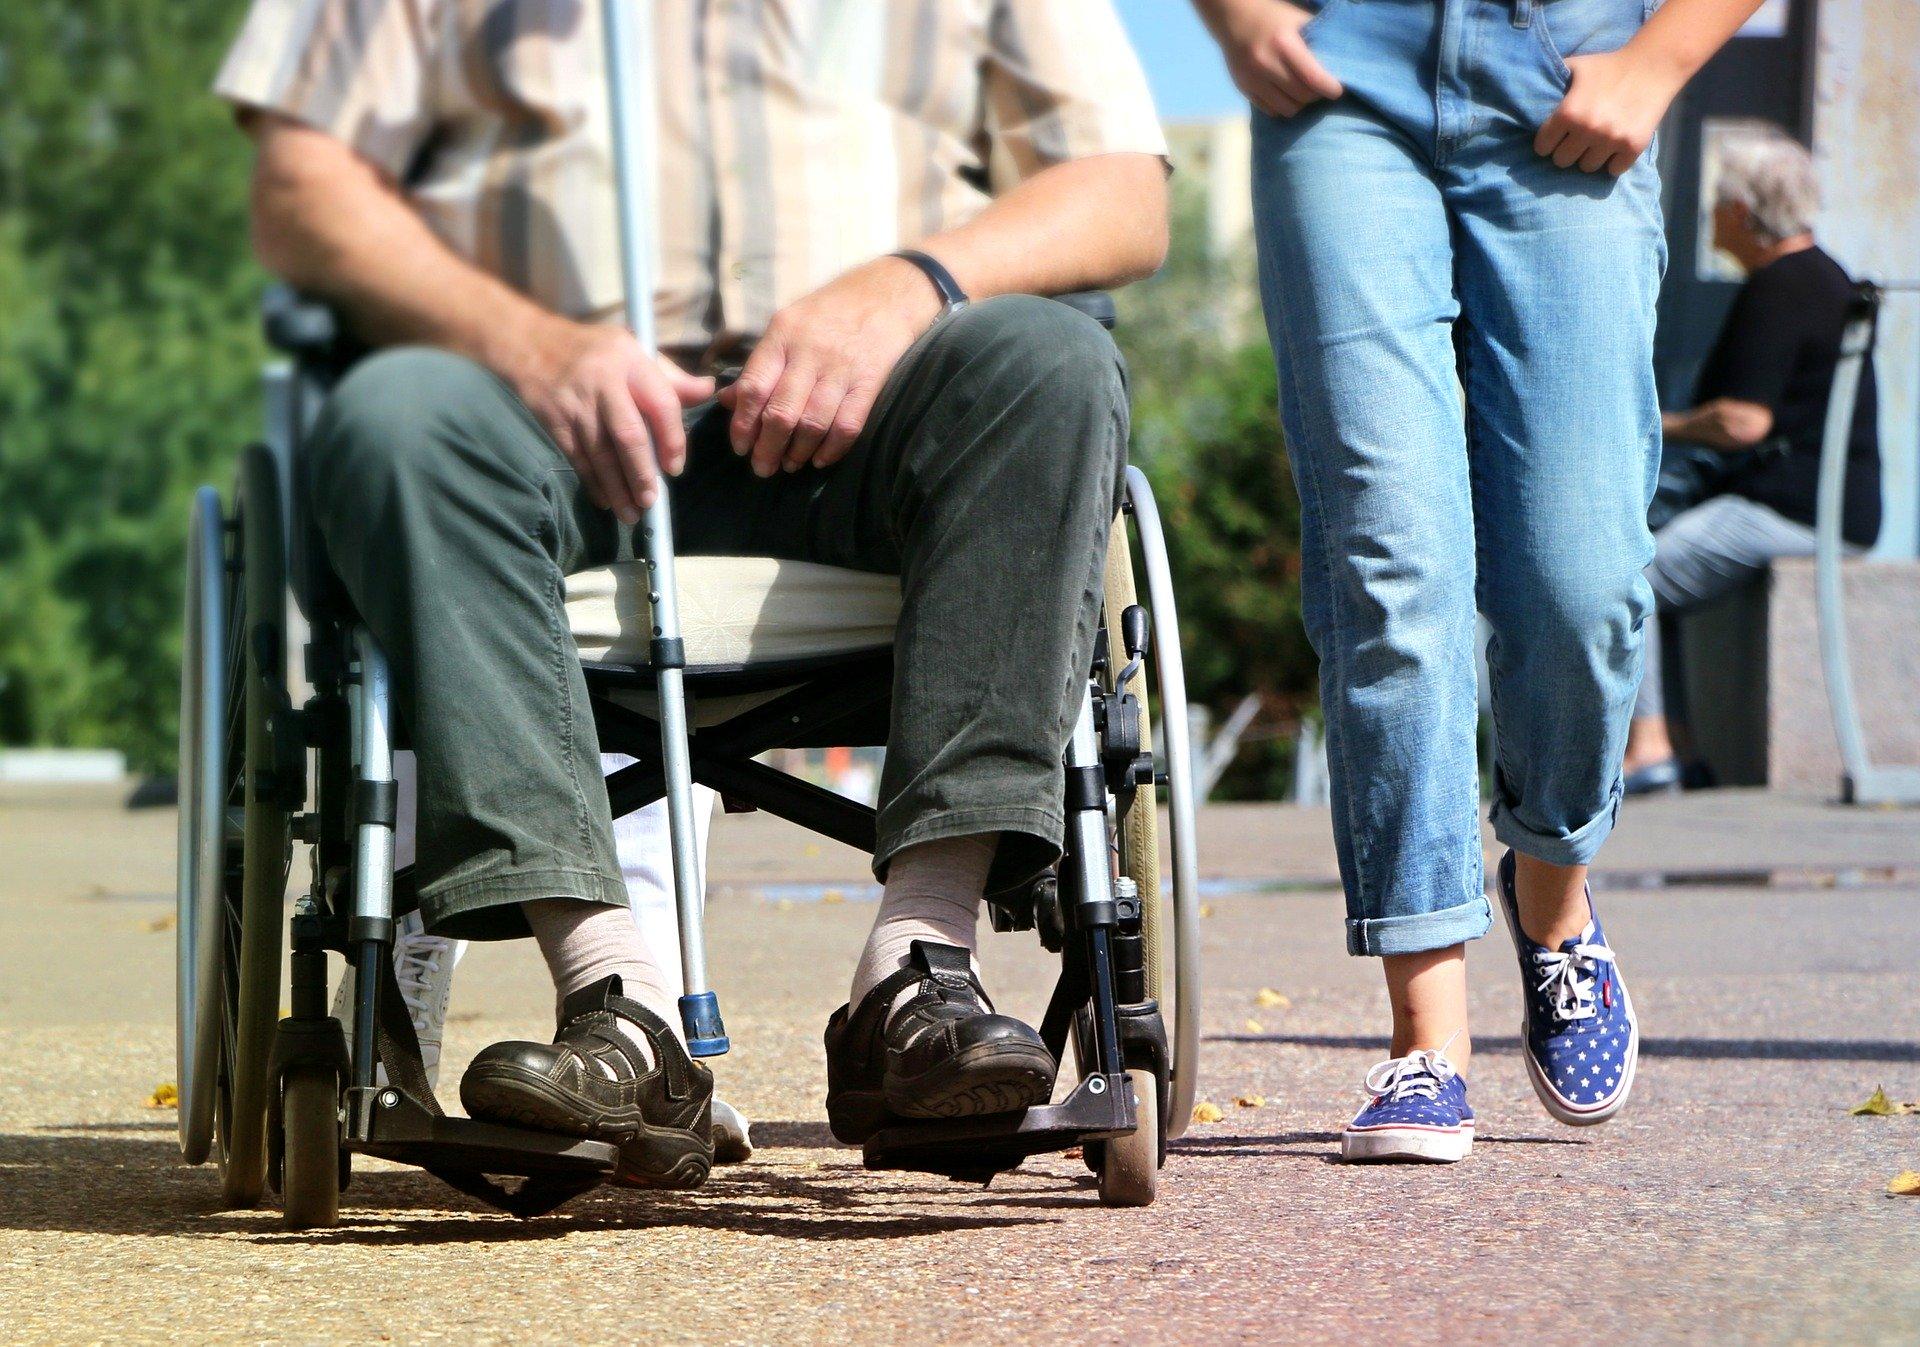 Links Mann im Rollstuhl, rechts geht eine jüngere Person, man sieht nur die Beine in Jeans